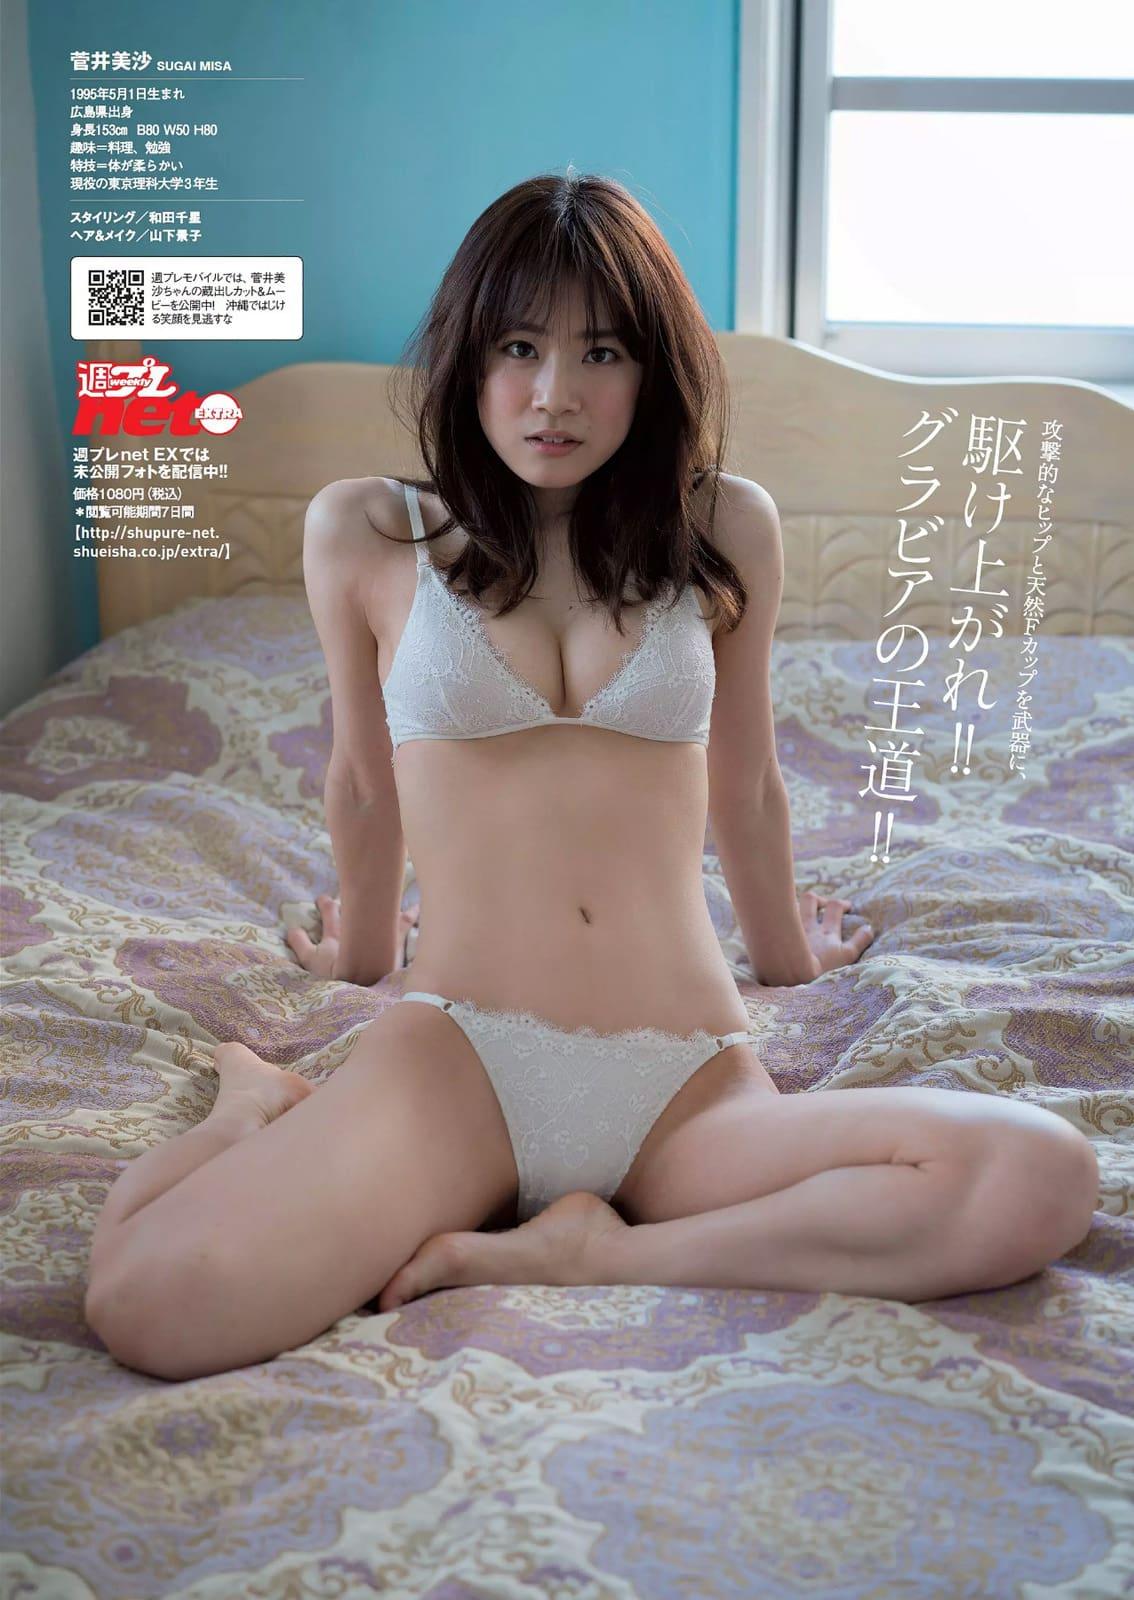 「週刊プレイボーイ 2016 No.18」菅井美沙の下着グラビア